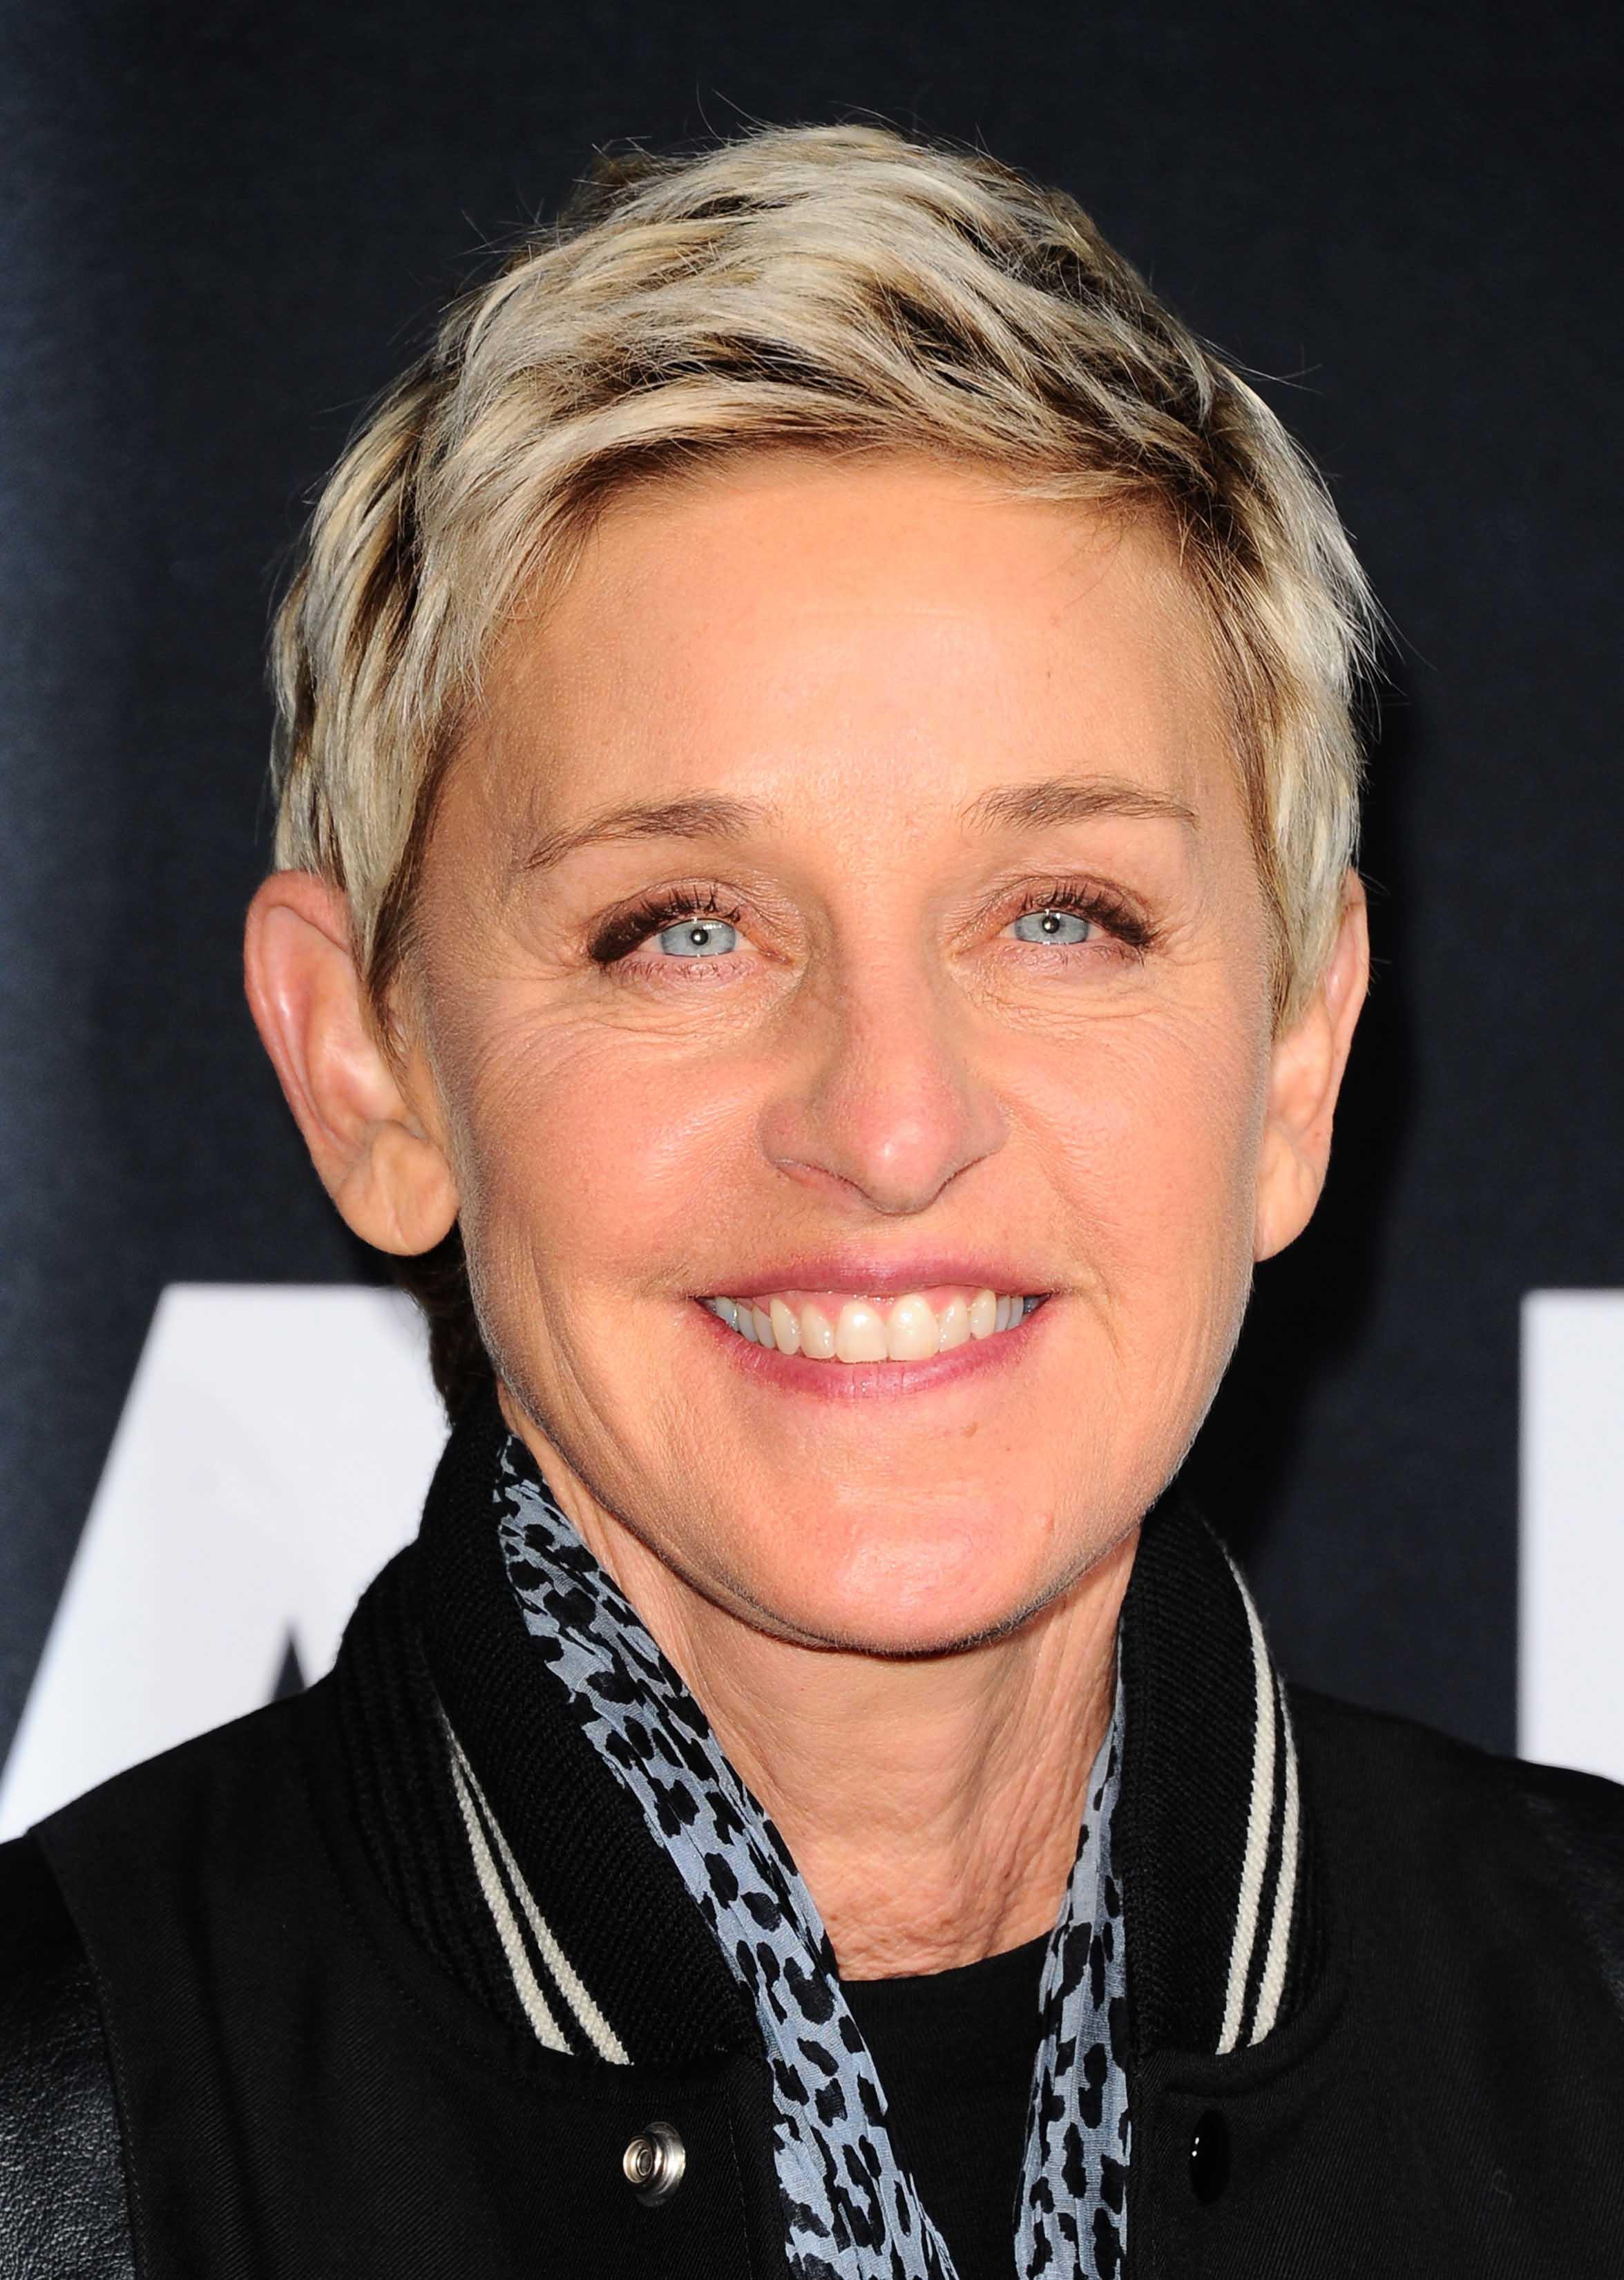 pixie crop hairstyles: All Things Hair - IMAGE - Ellen DeGeneres blonde short hair